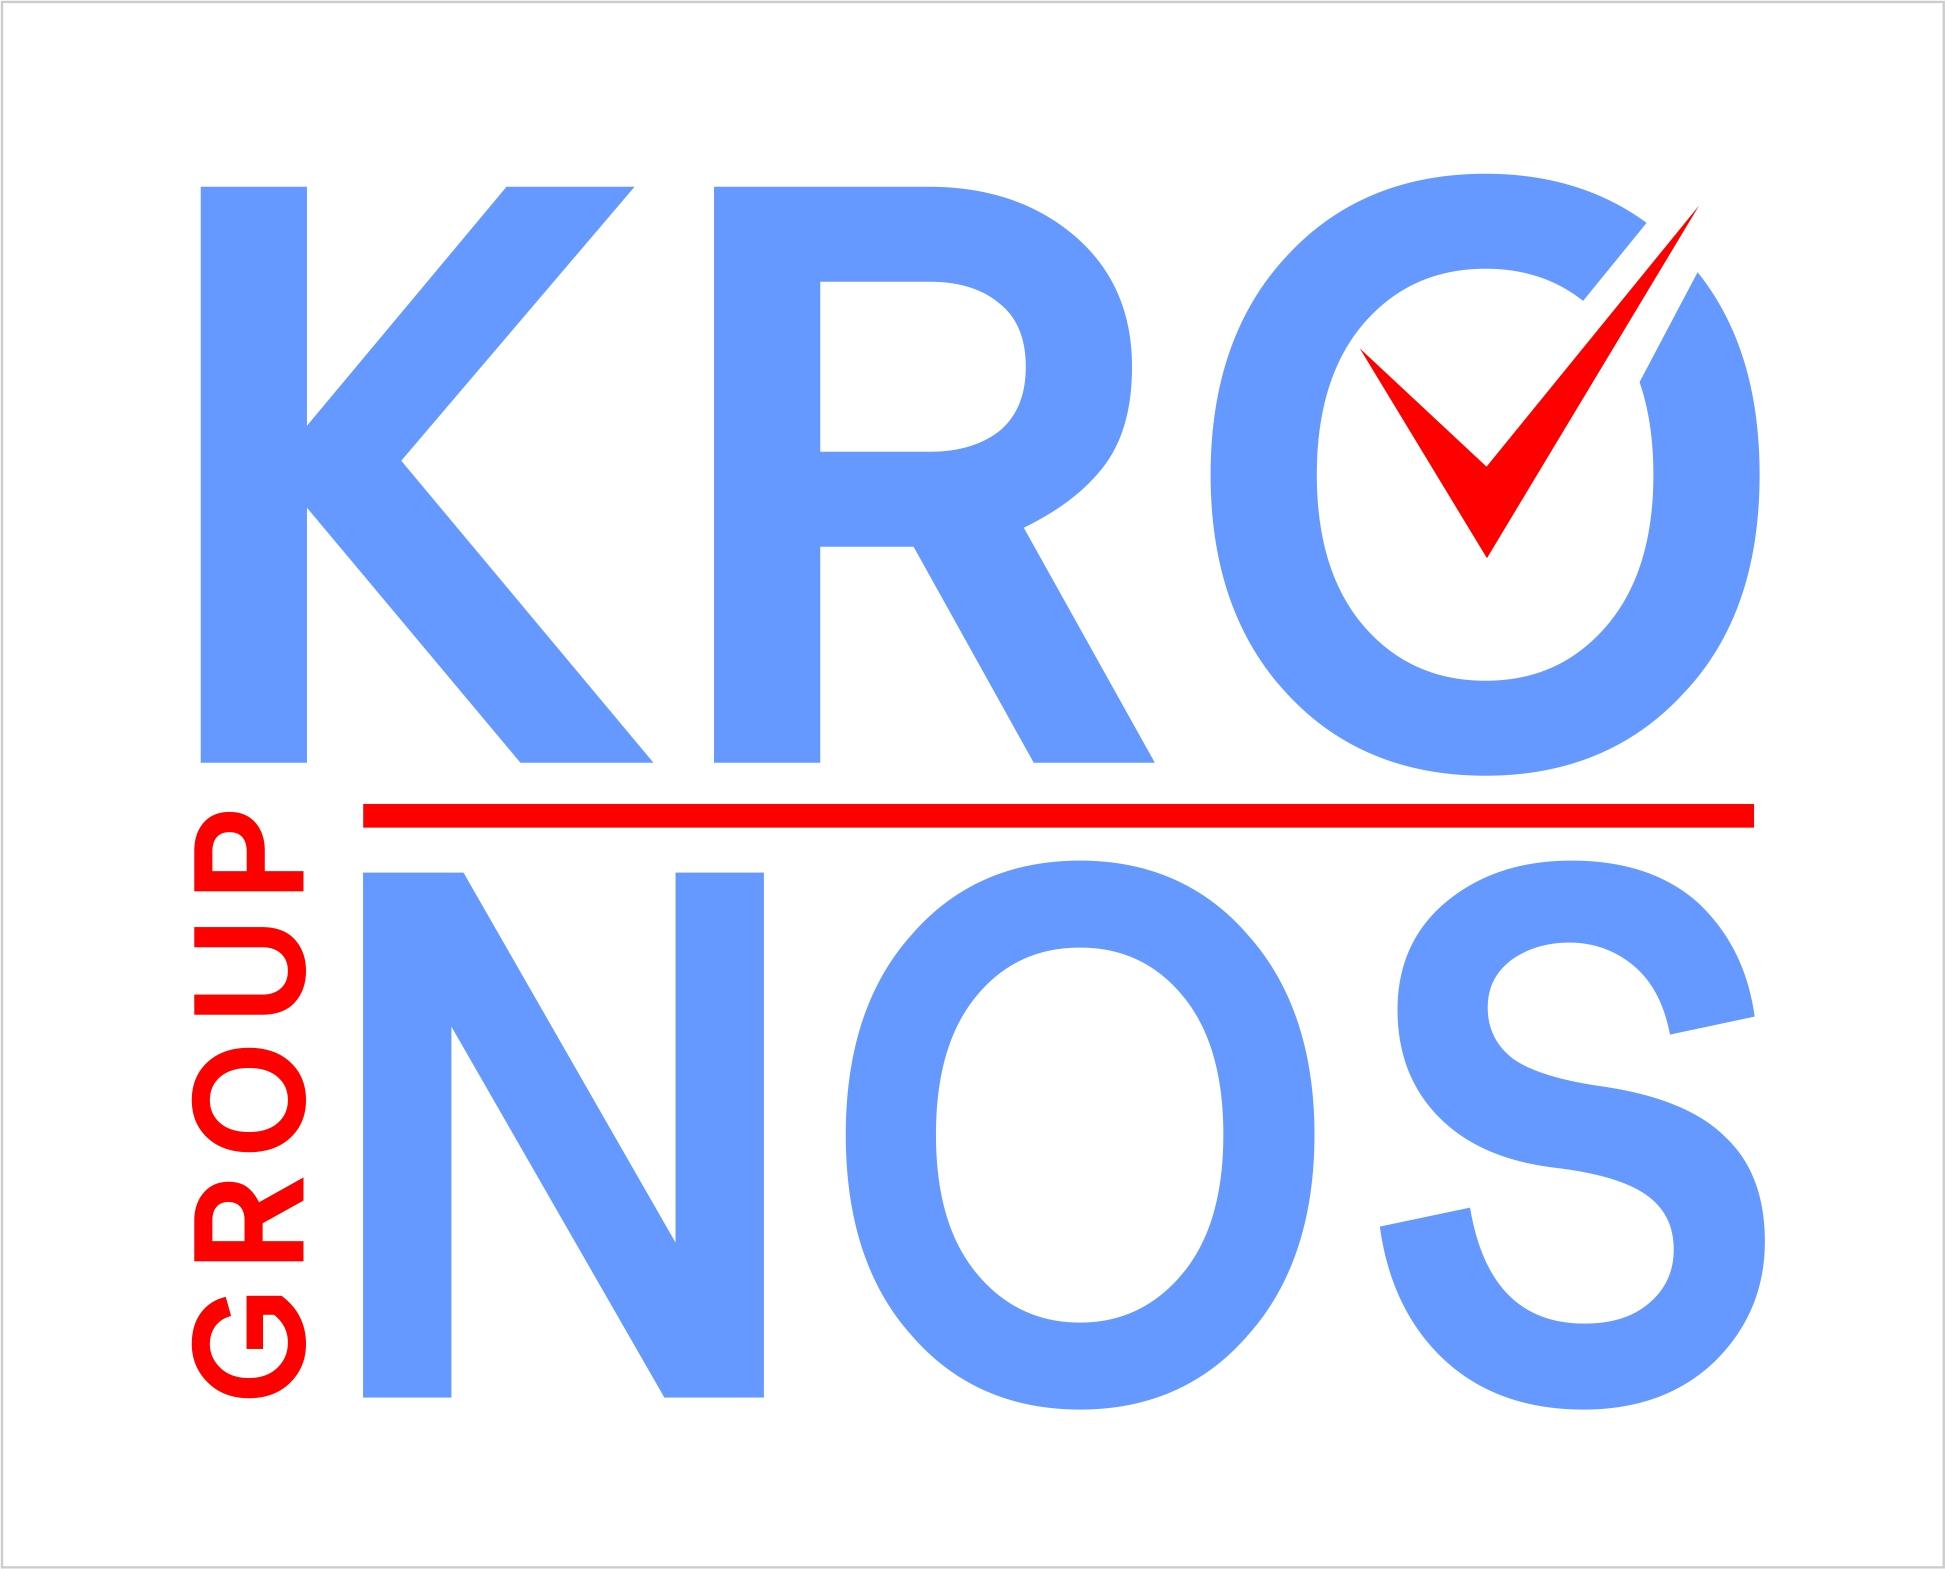 Разработать логотип KRONOS фото f_8915fb2f5b6d7618.jpg